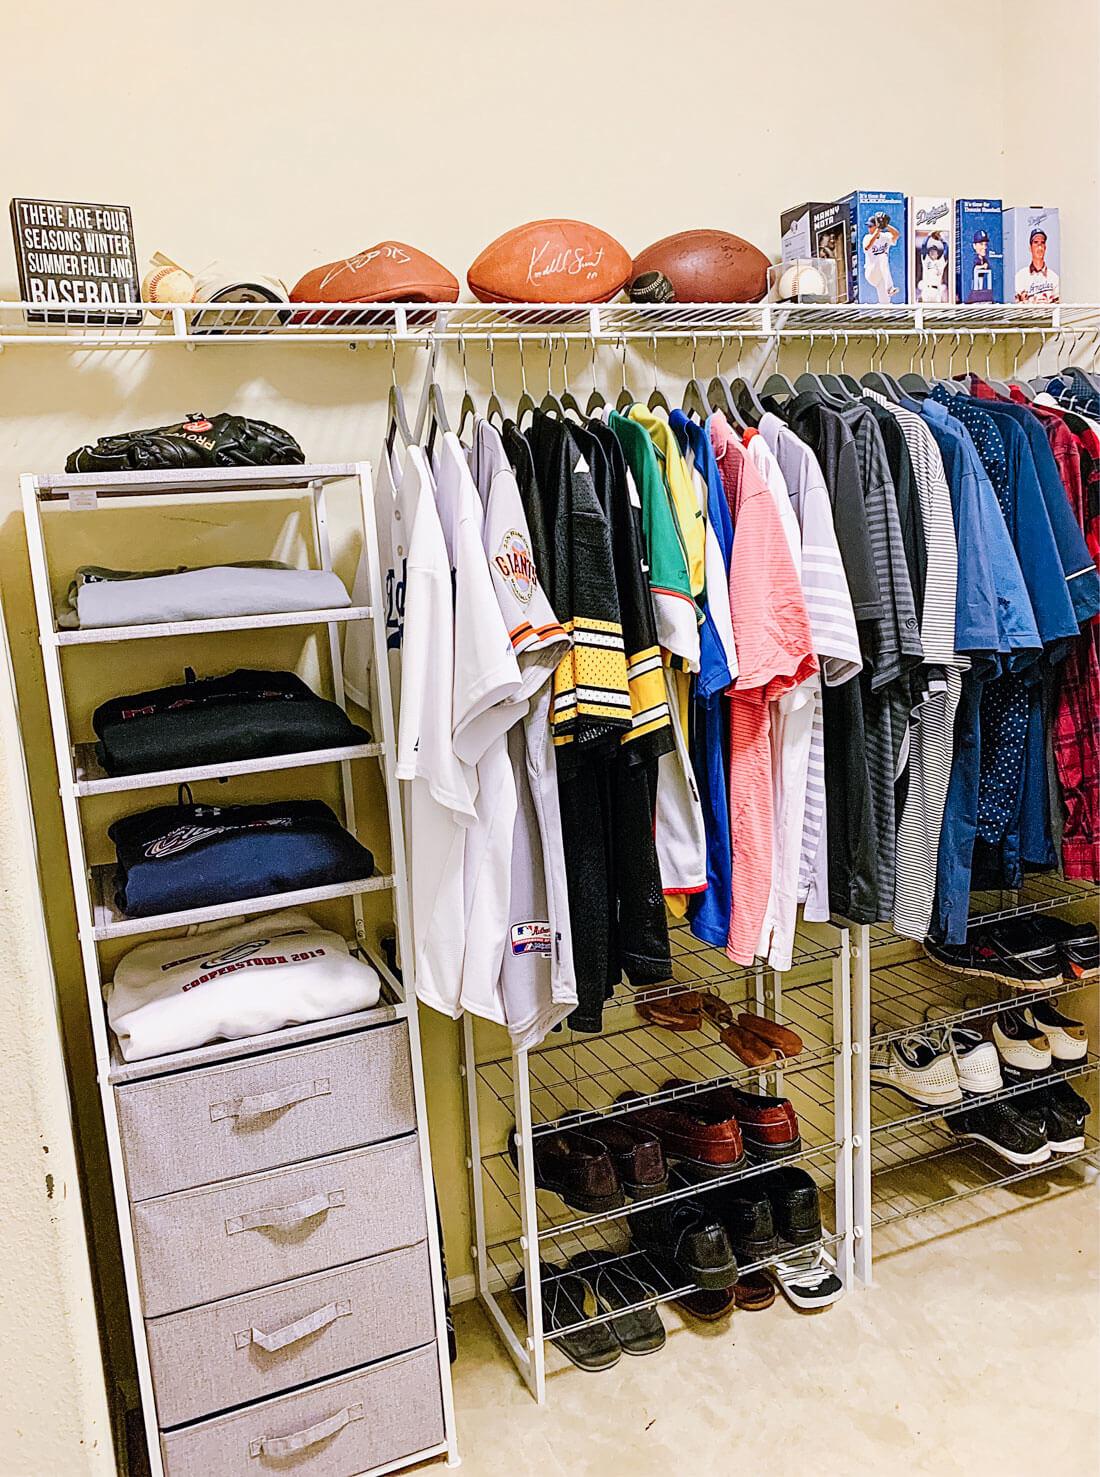 Husband's side closet organization